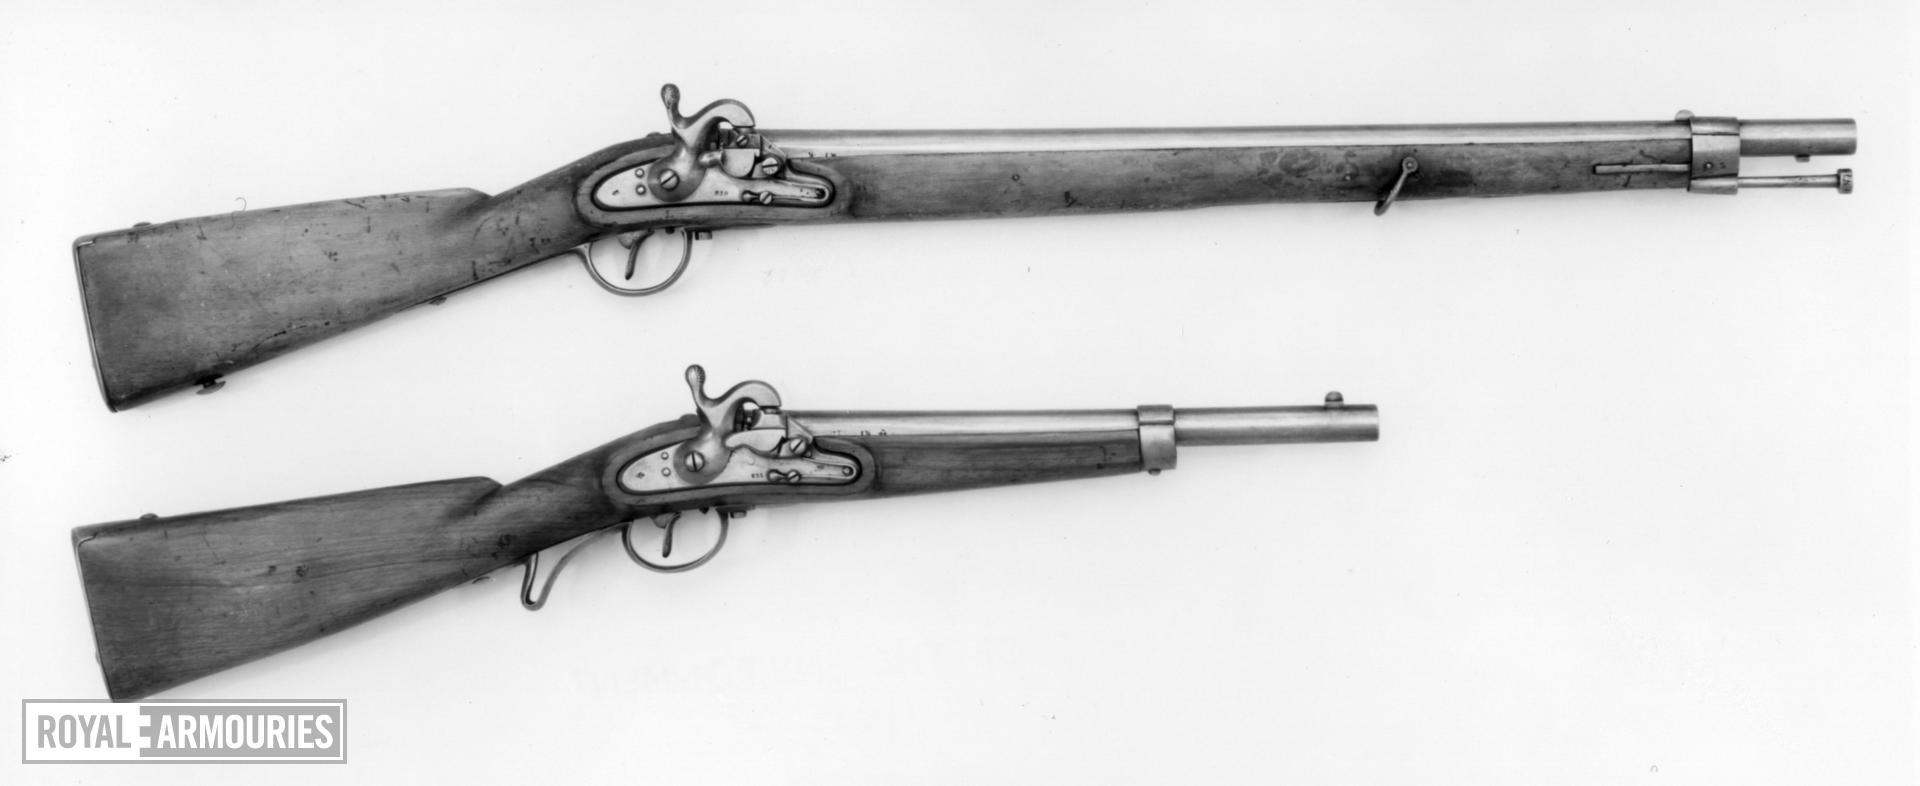 Percussion cavalry carbine - Model 1842